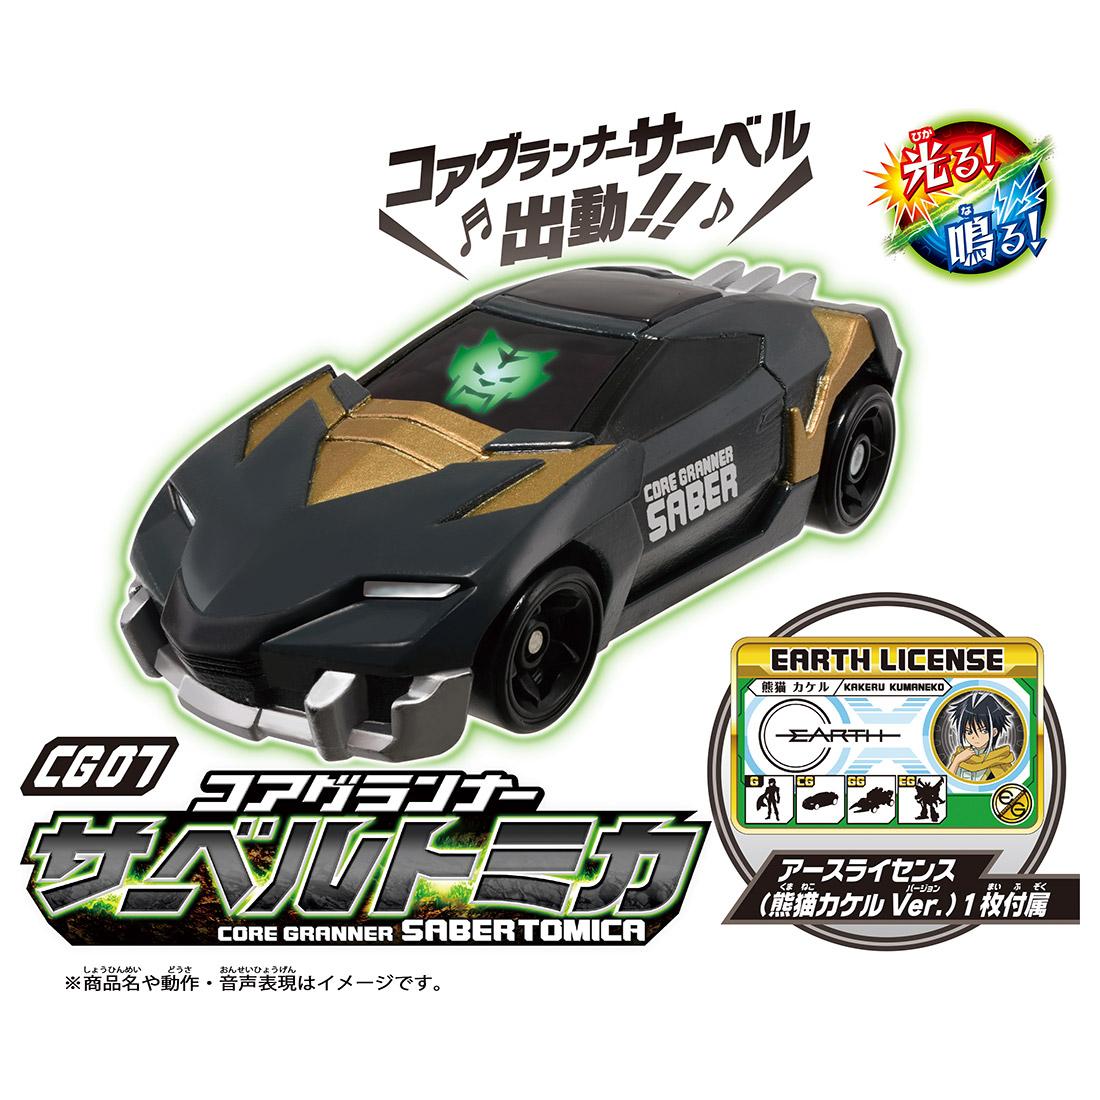 トミカ絆合体 アースグランナー『EG03 アースグランナーサーベルパンサー』可変合体フィギュア-006